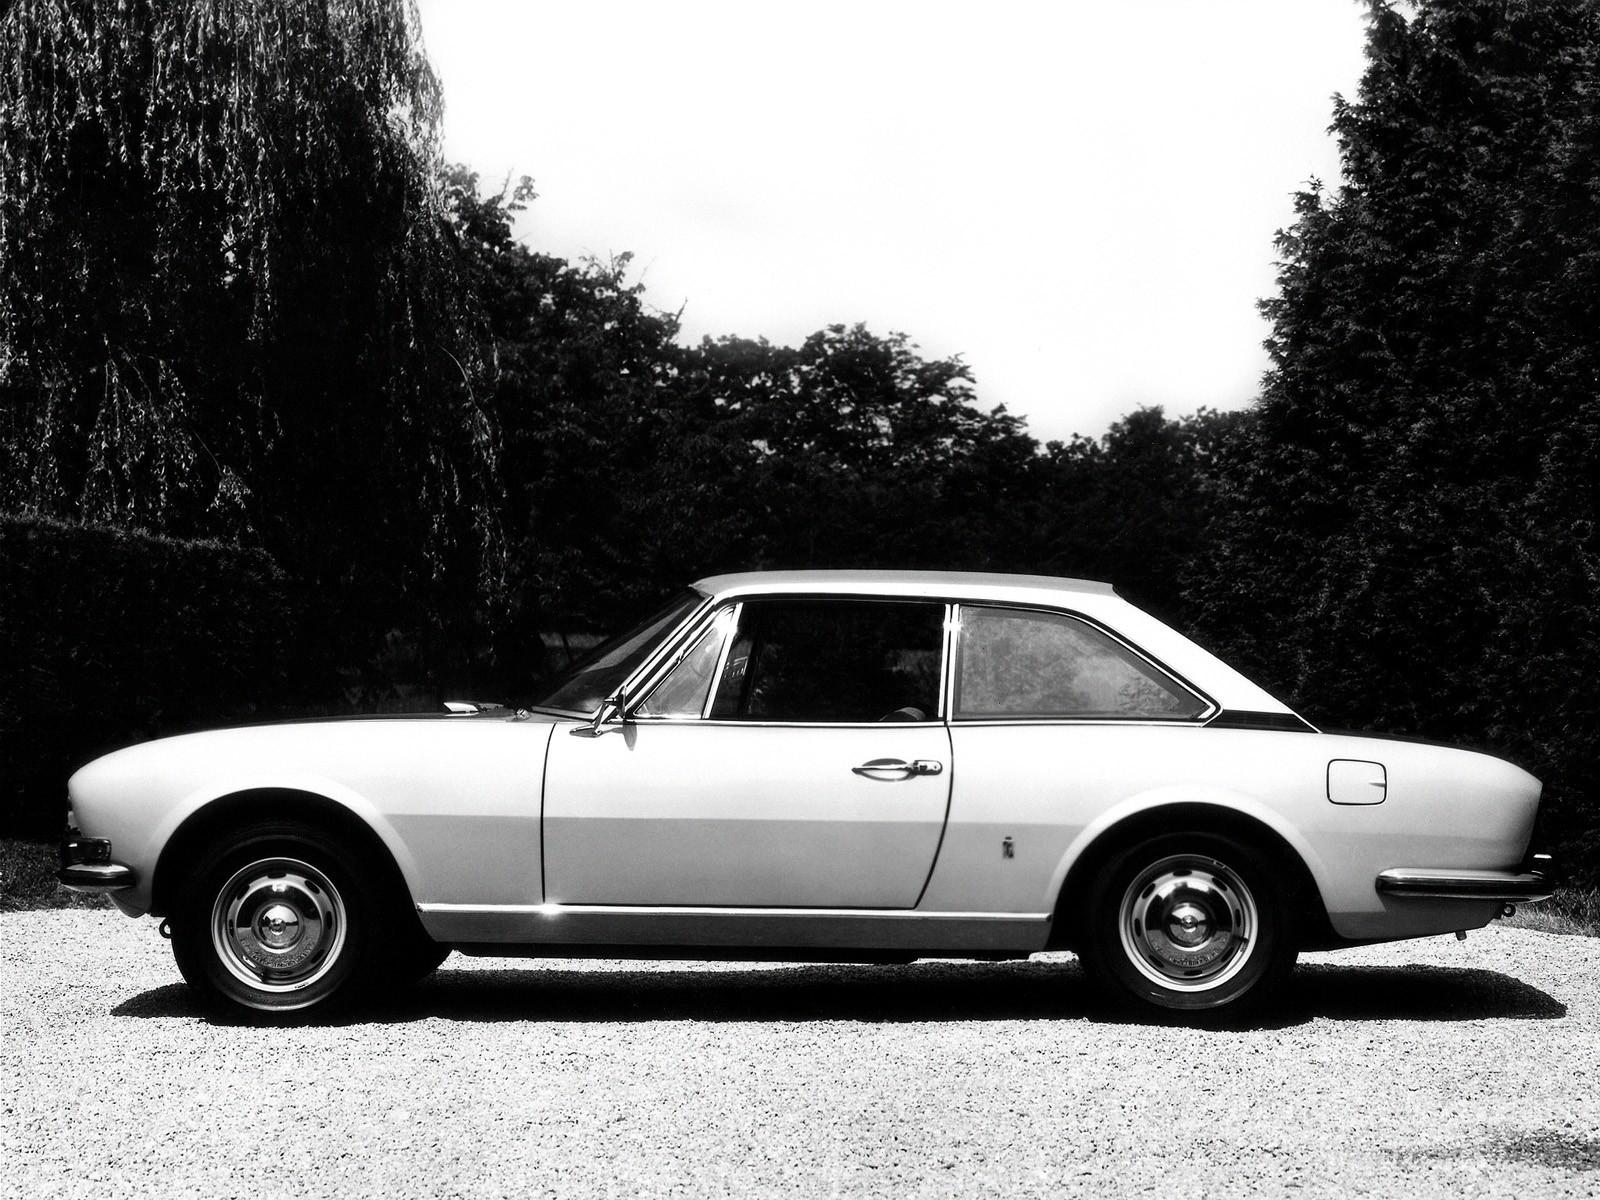 peugeot 504 coupe specs amp photos 1974 1975 1976 1977